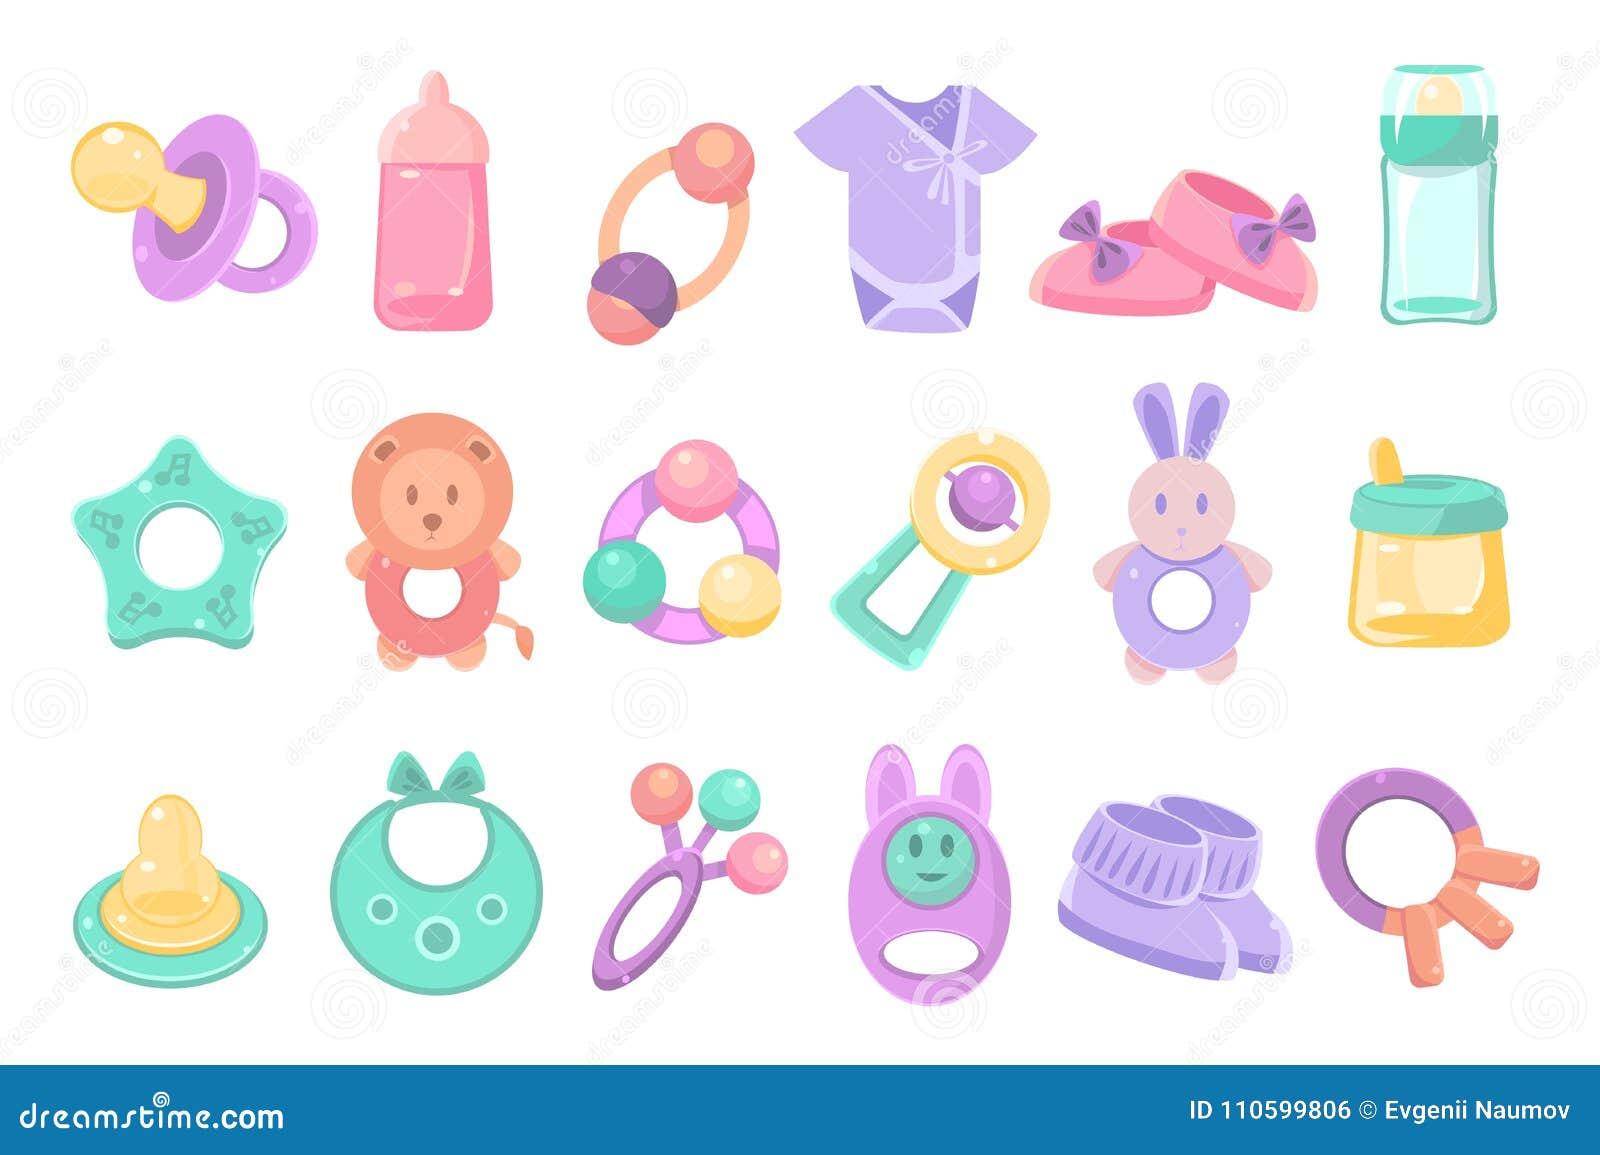 83caa0688 Juguetes Y Accesorios Para El Adoquín Del Bebé